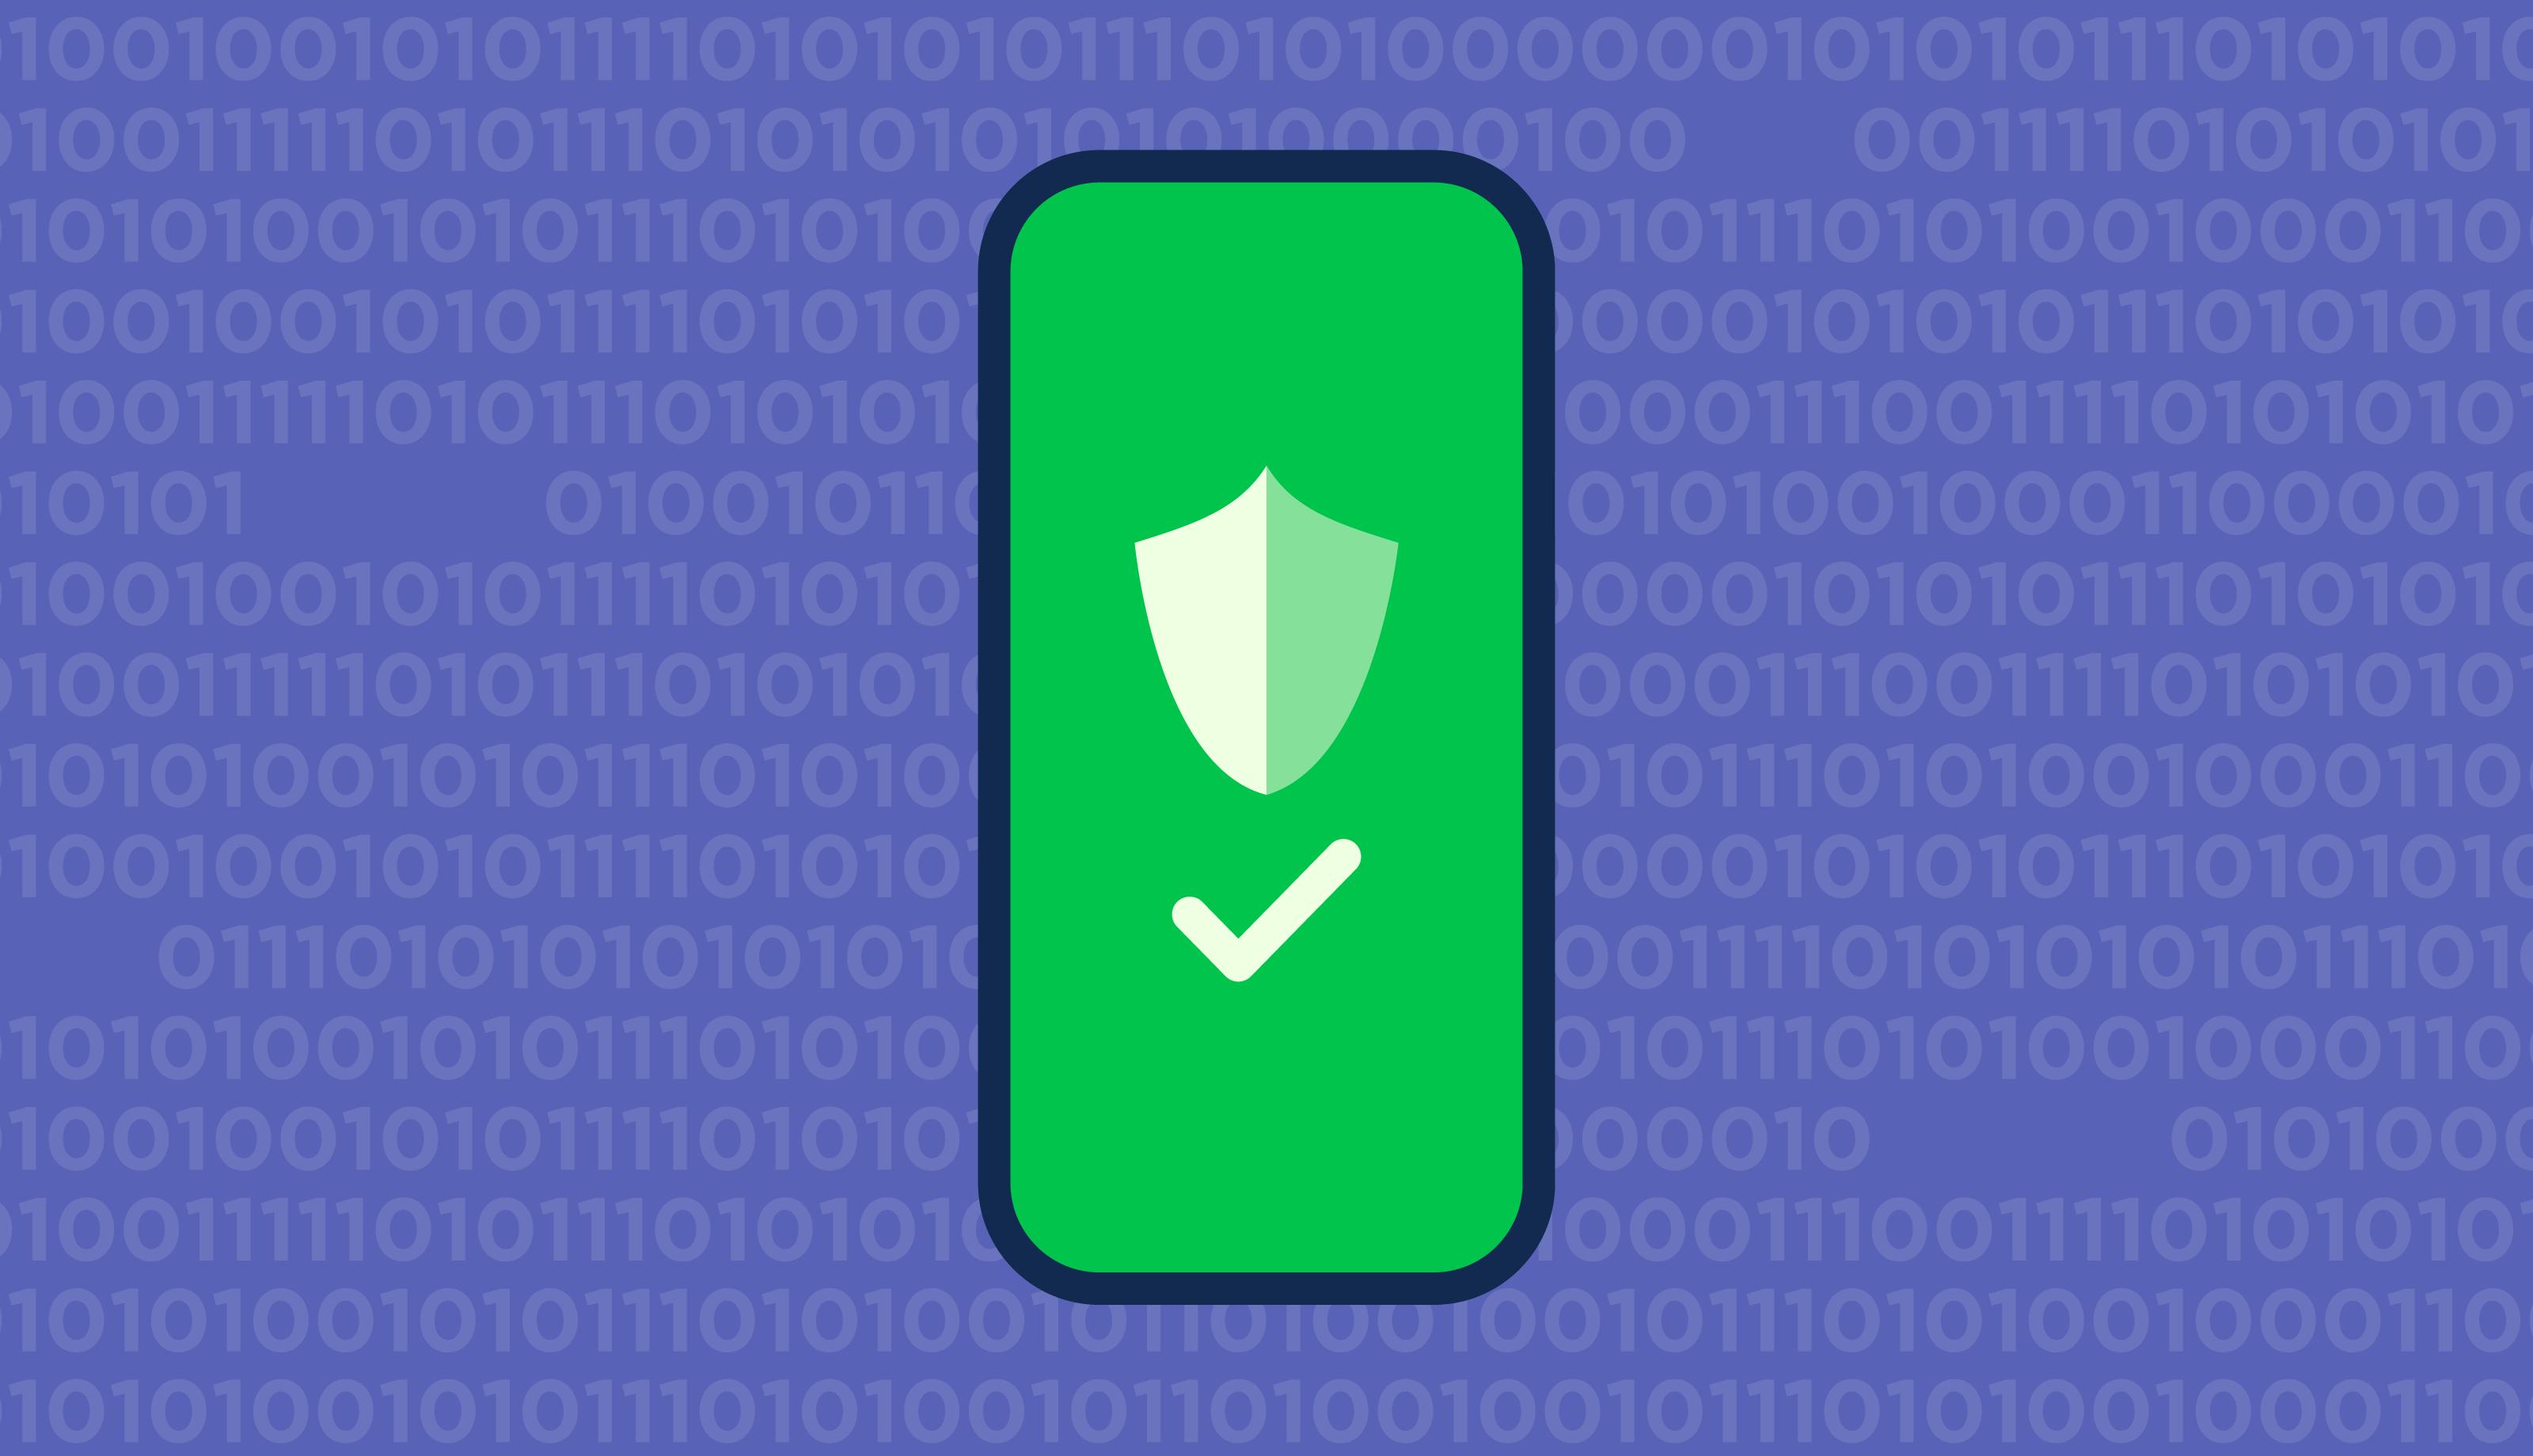 Appleのプライバシー保護の取り組みとこれからの企業の在り方